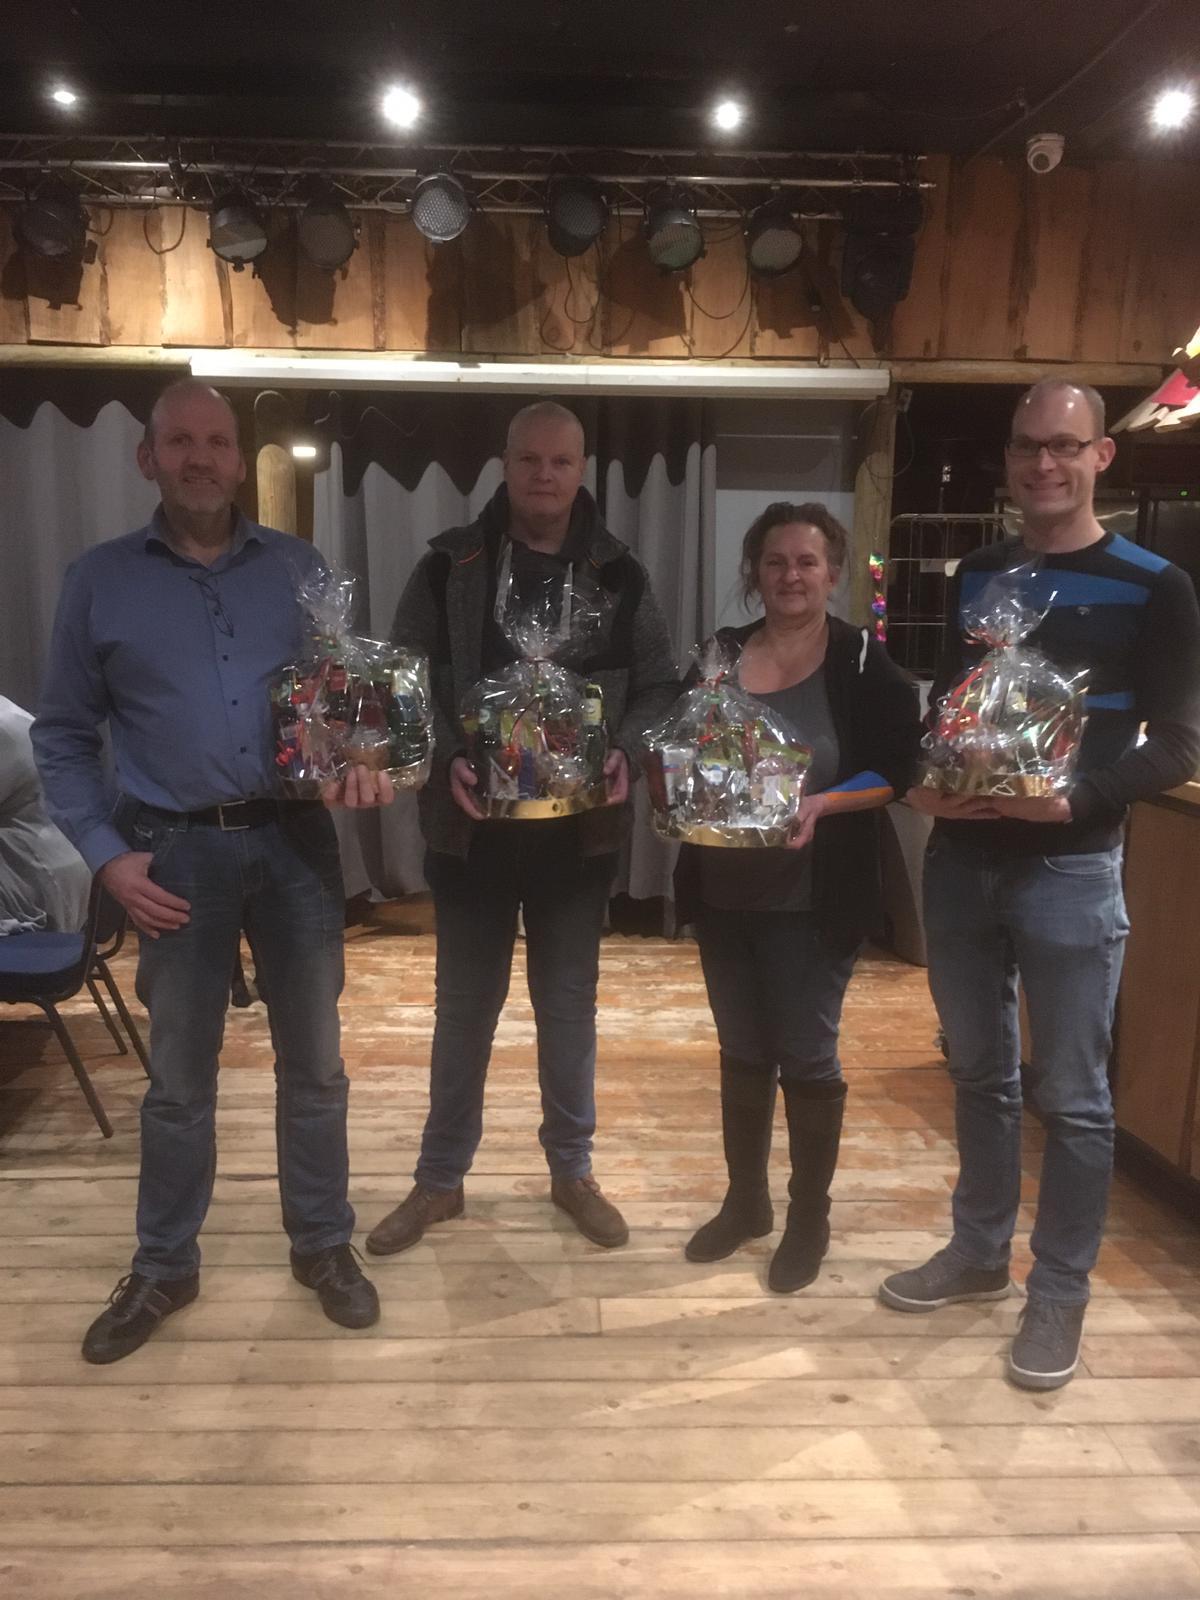 Bennie, Henk, Remko en Astrid werden verrast met een leuke attentie.